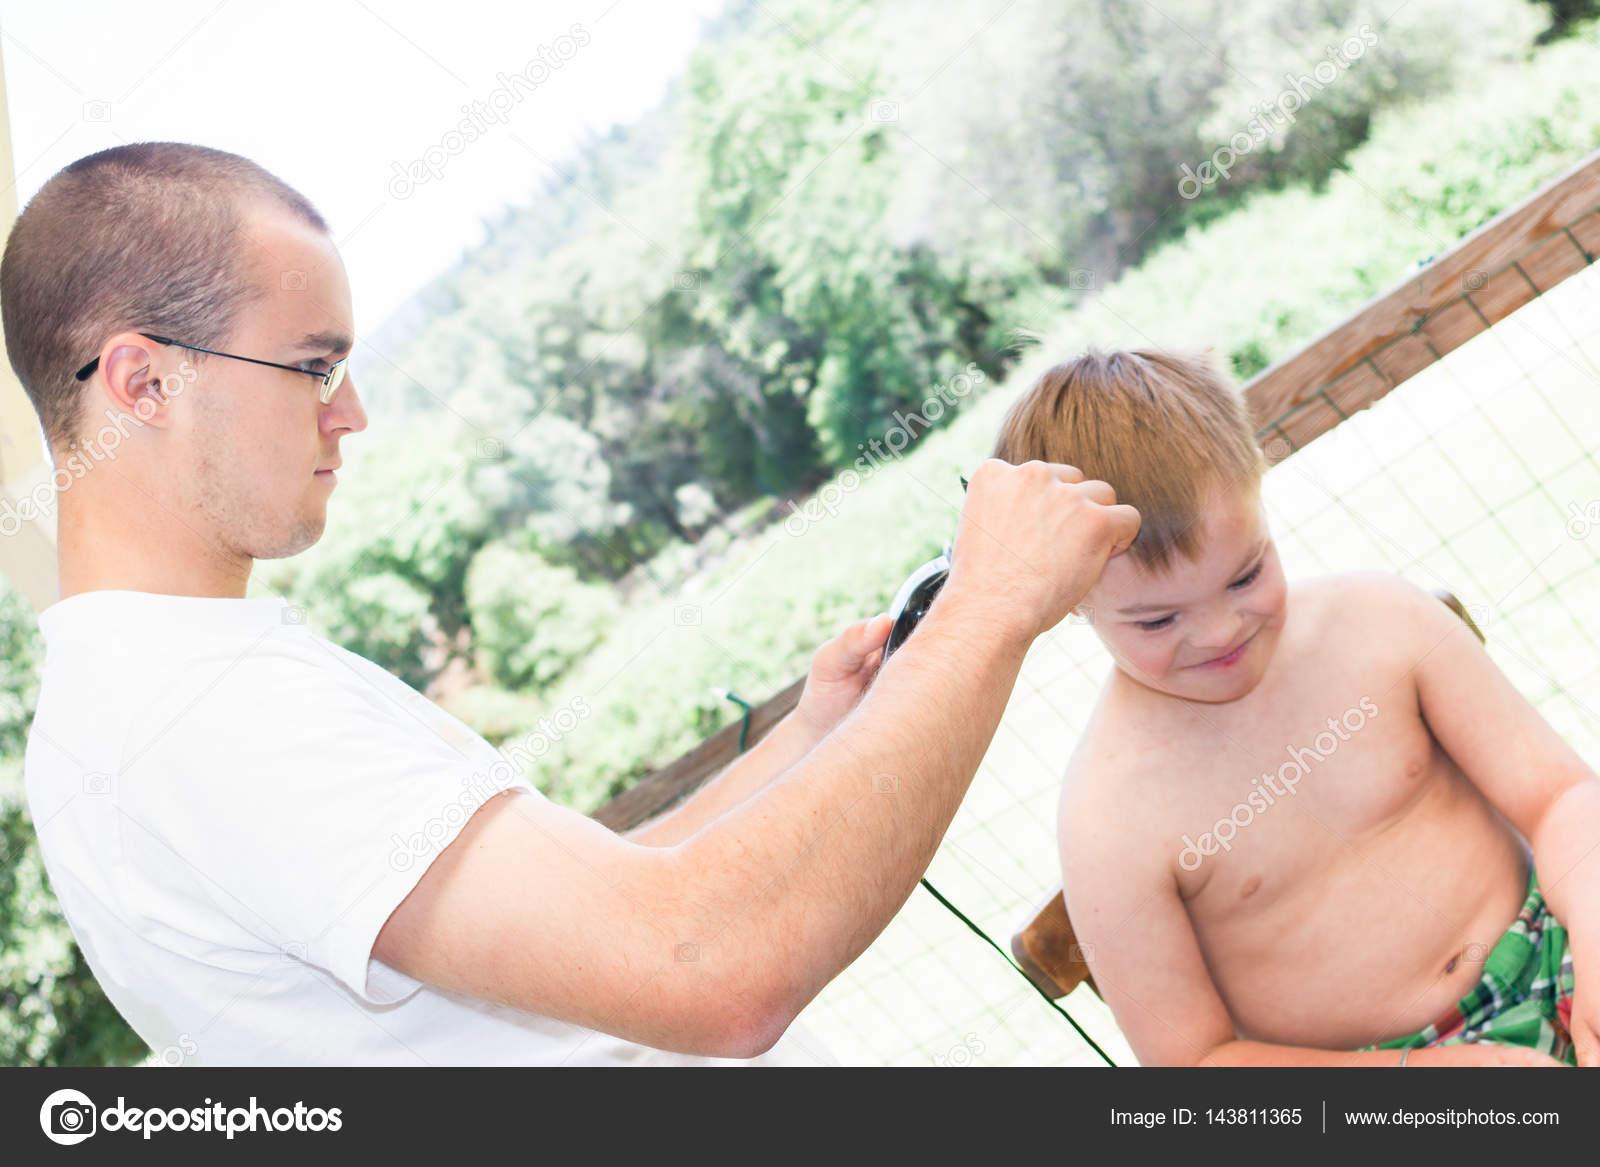 Mały Chłopiec Z Zespołem Downa Dostawanie Jego Fryzura Zdjęcie